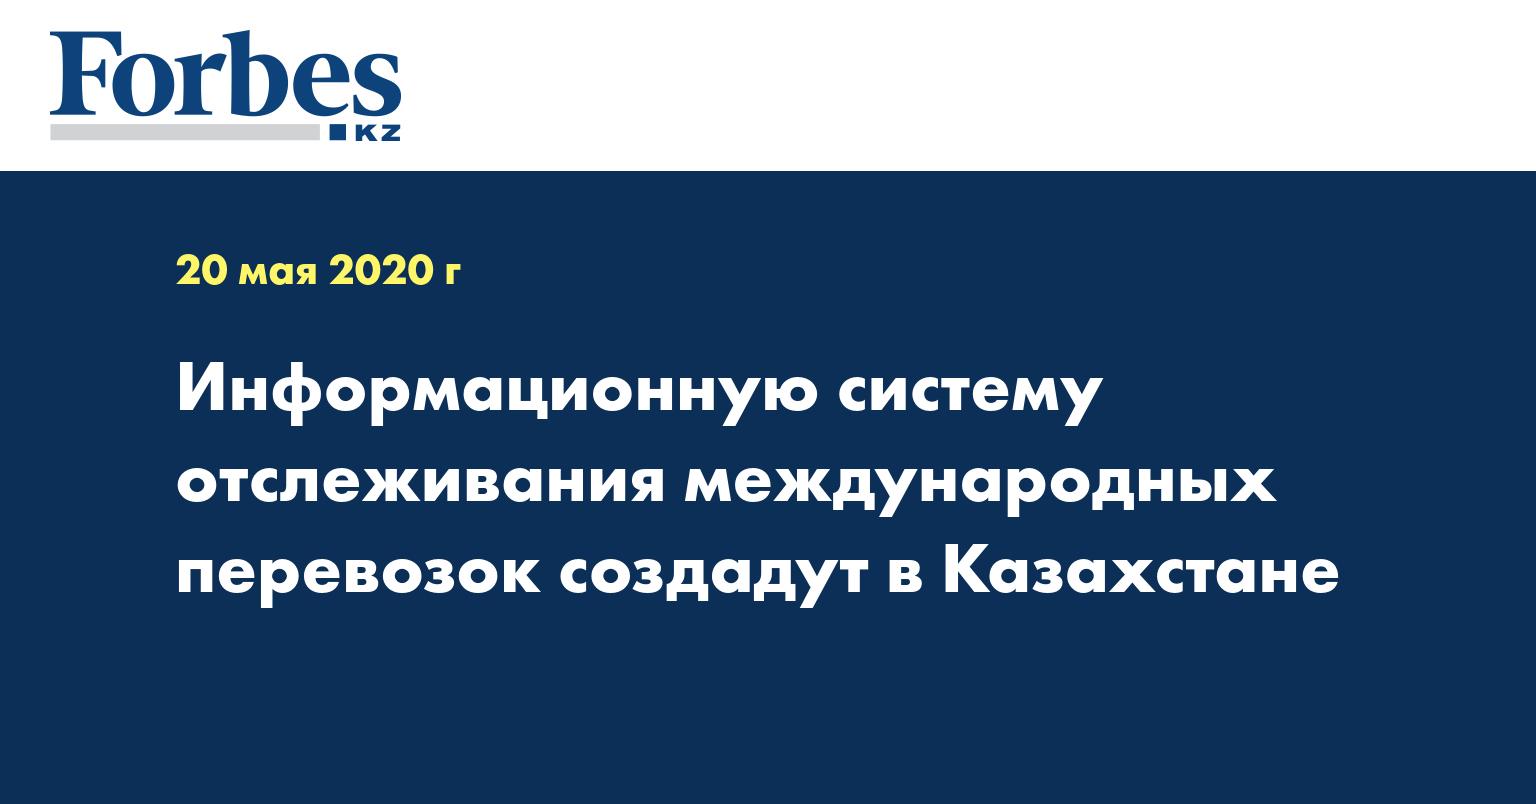 Информационную систему отслеживания международных перевозок создадут в Казахстане